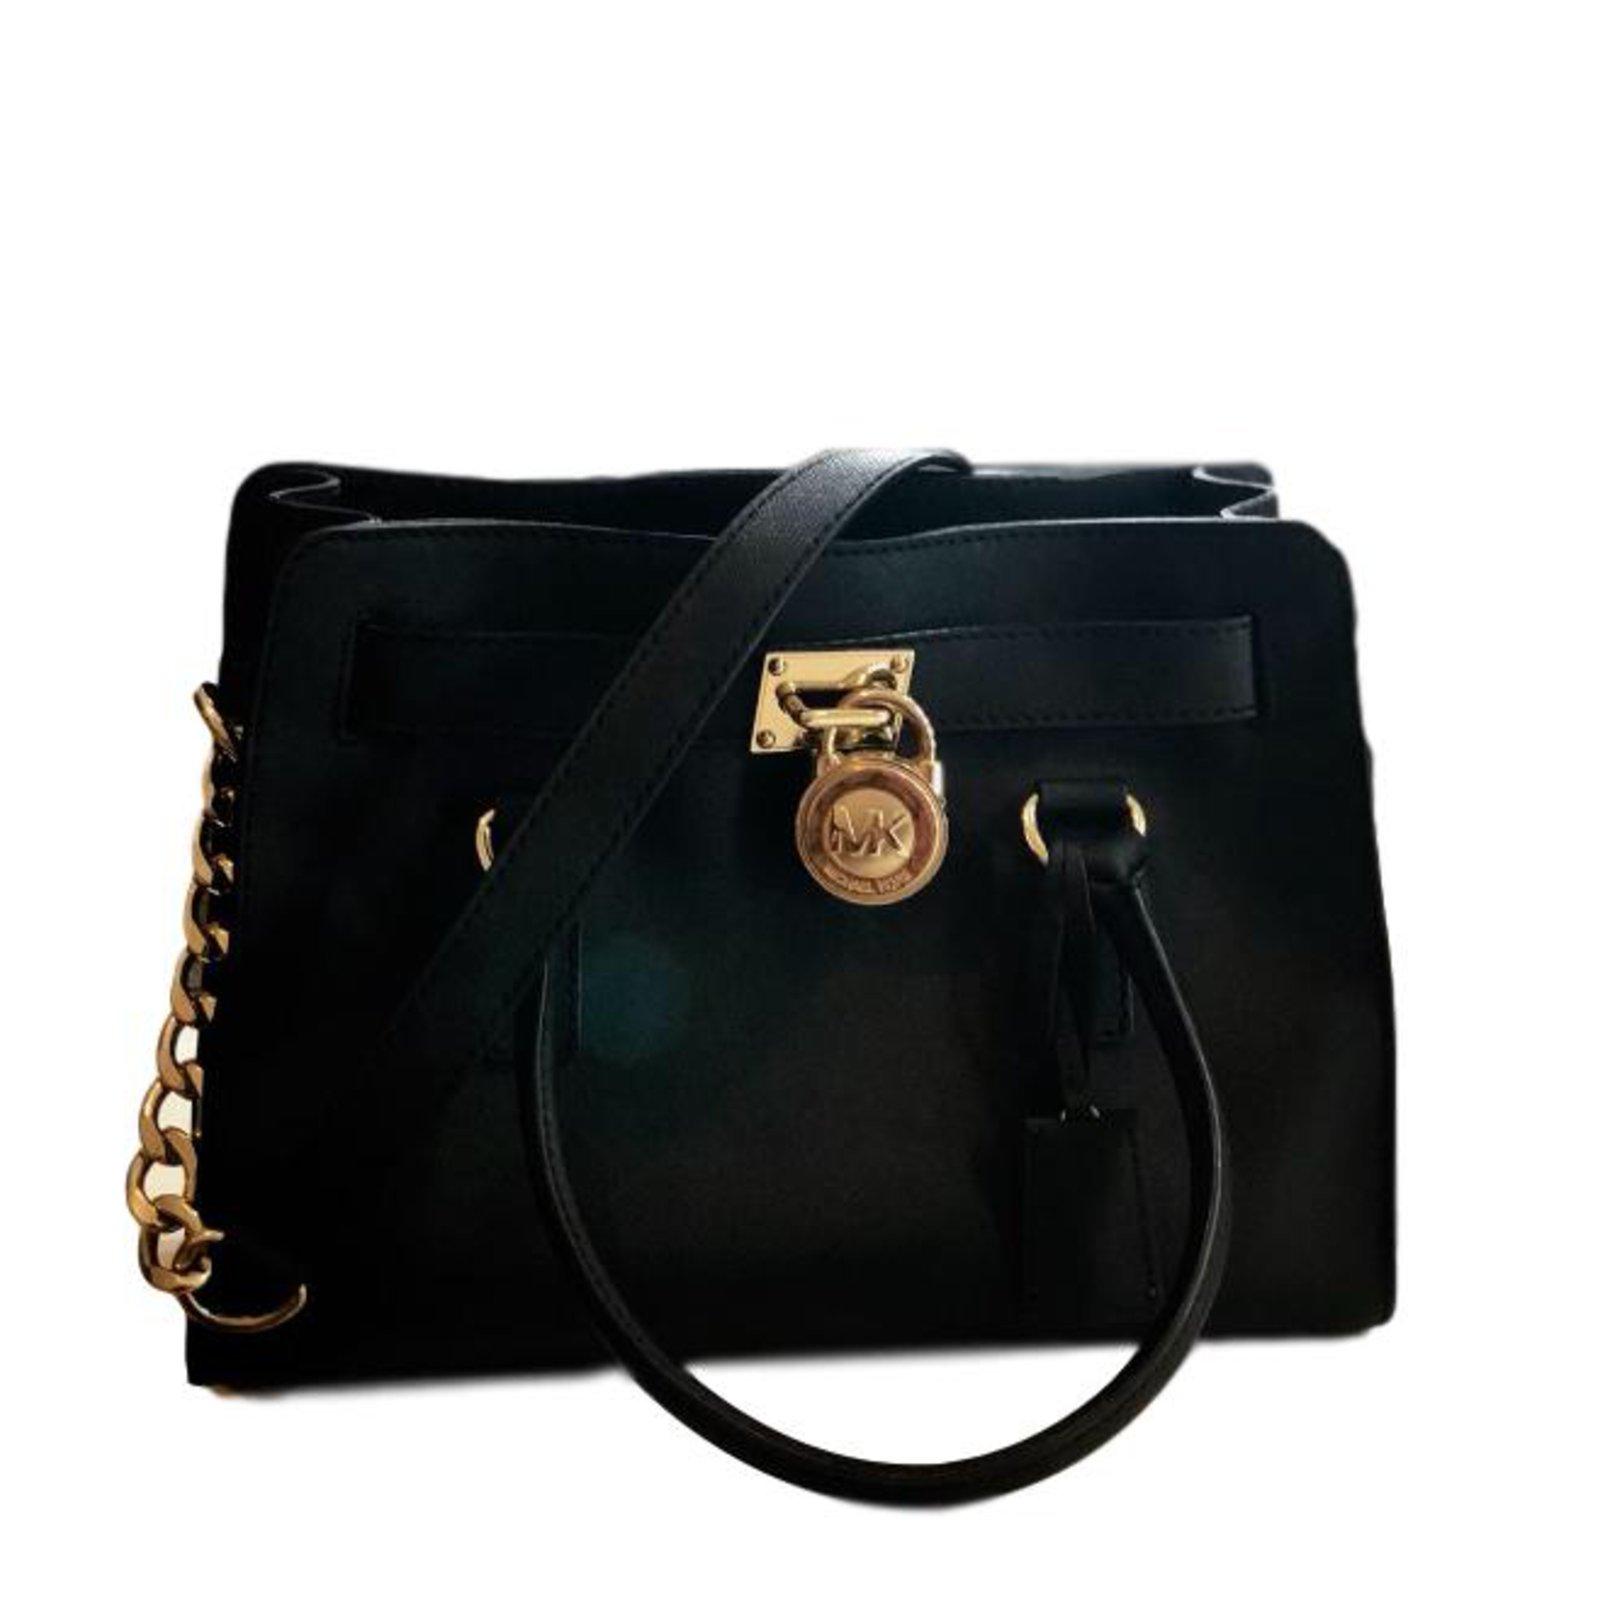 9af2cfaad55c Michael Kors Hamilton Handbag Handbags Leather Black ref.71479 ...